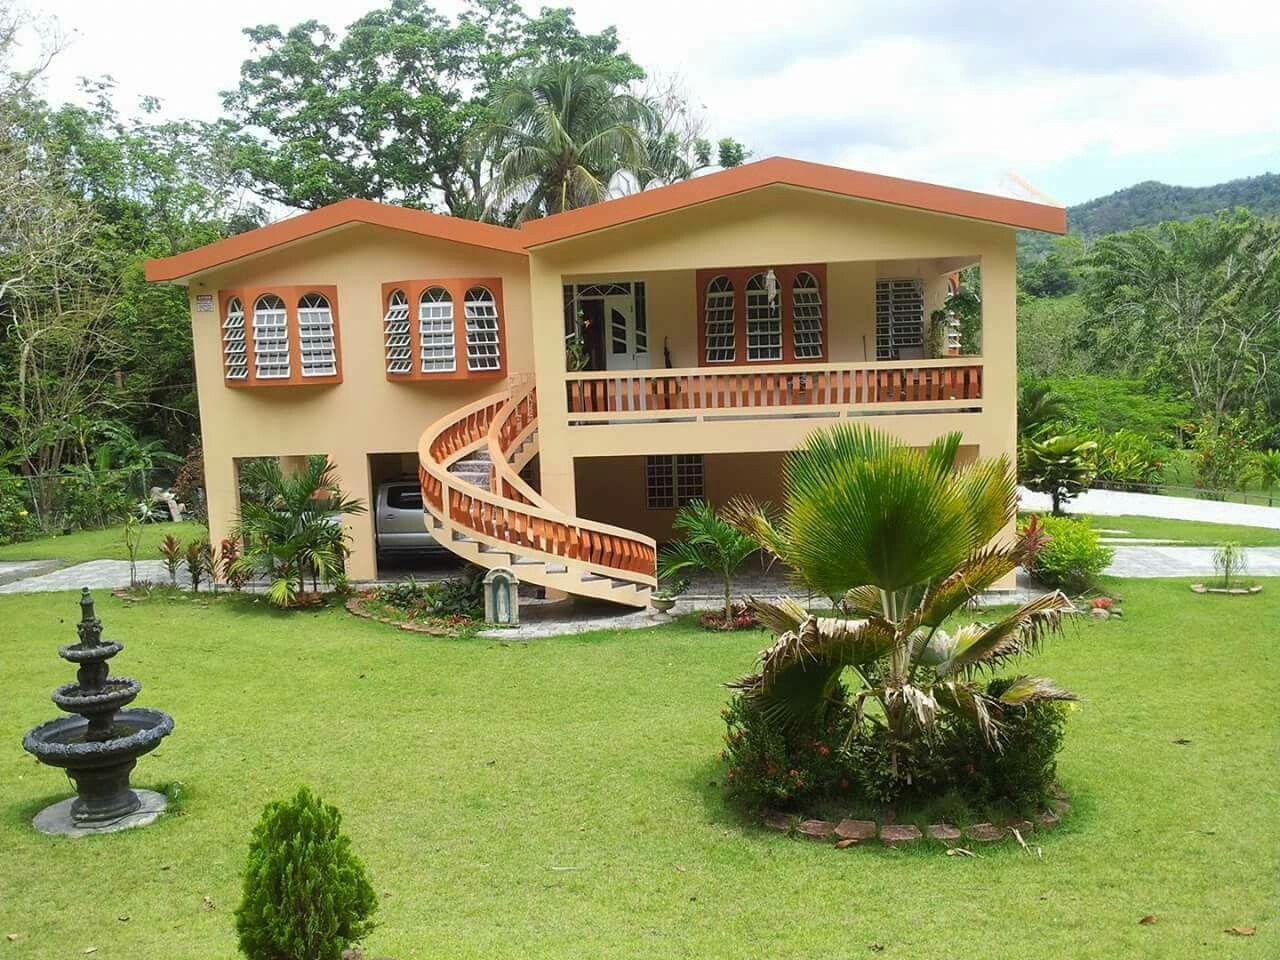 Casa en las montañas de Puerto Rico. (With images